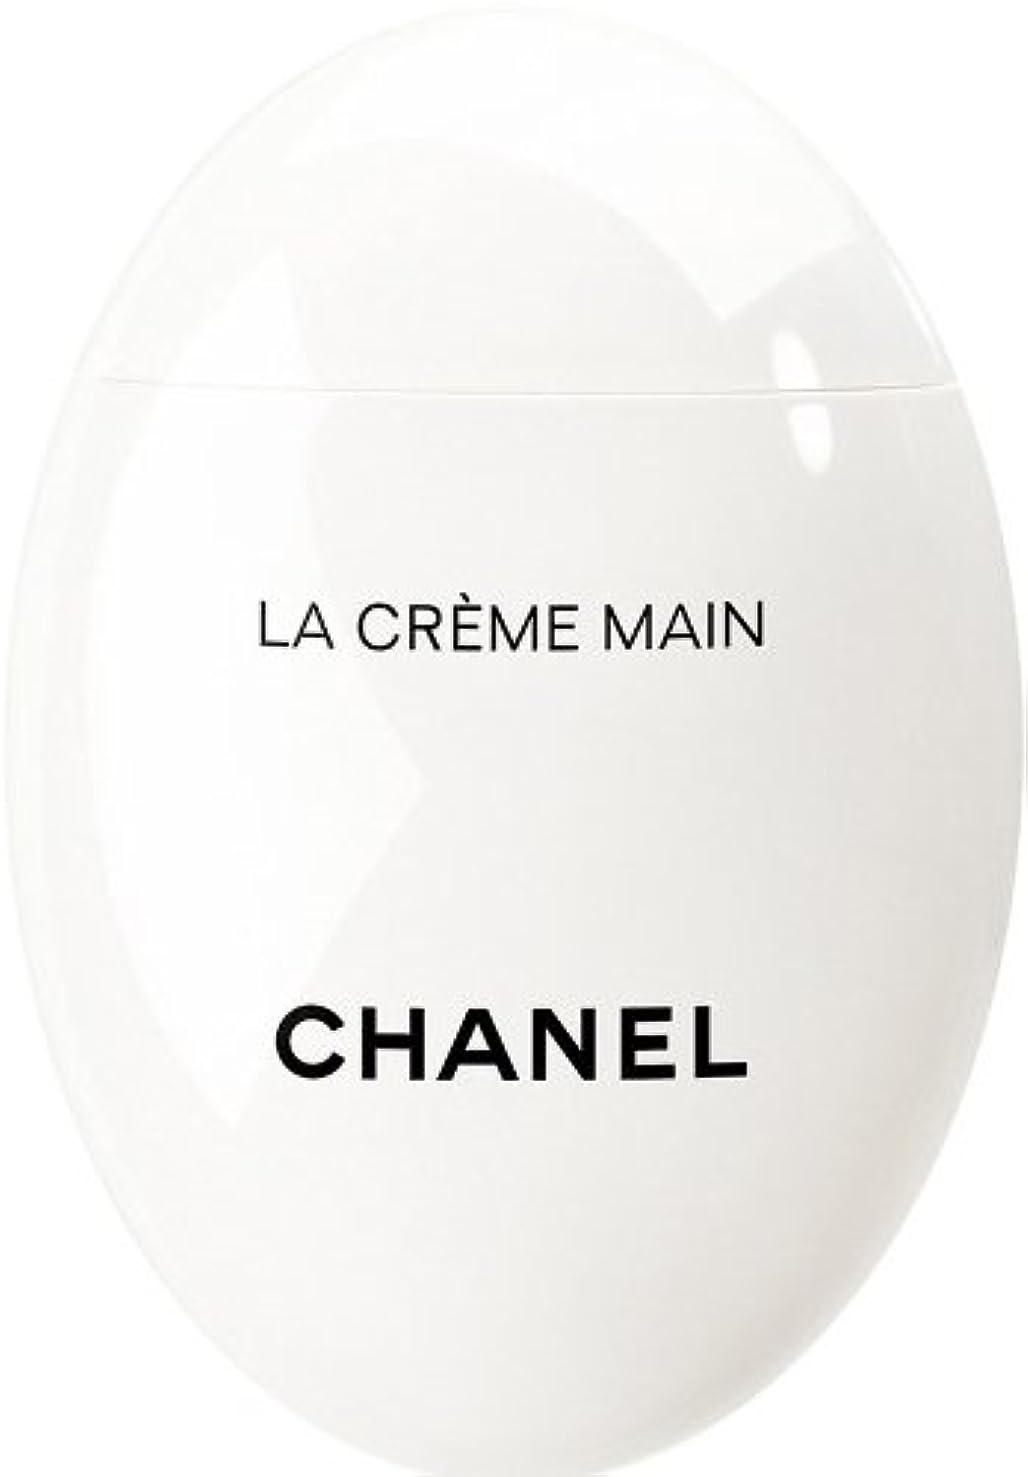 略奪ペイント危険を冒しますCHANEL LA CRÈME MAIN シャネル ラ クレーム マン ハンドクリーム 50ml